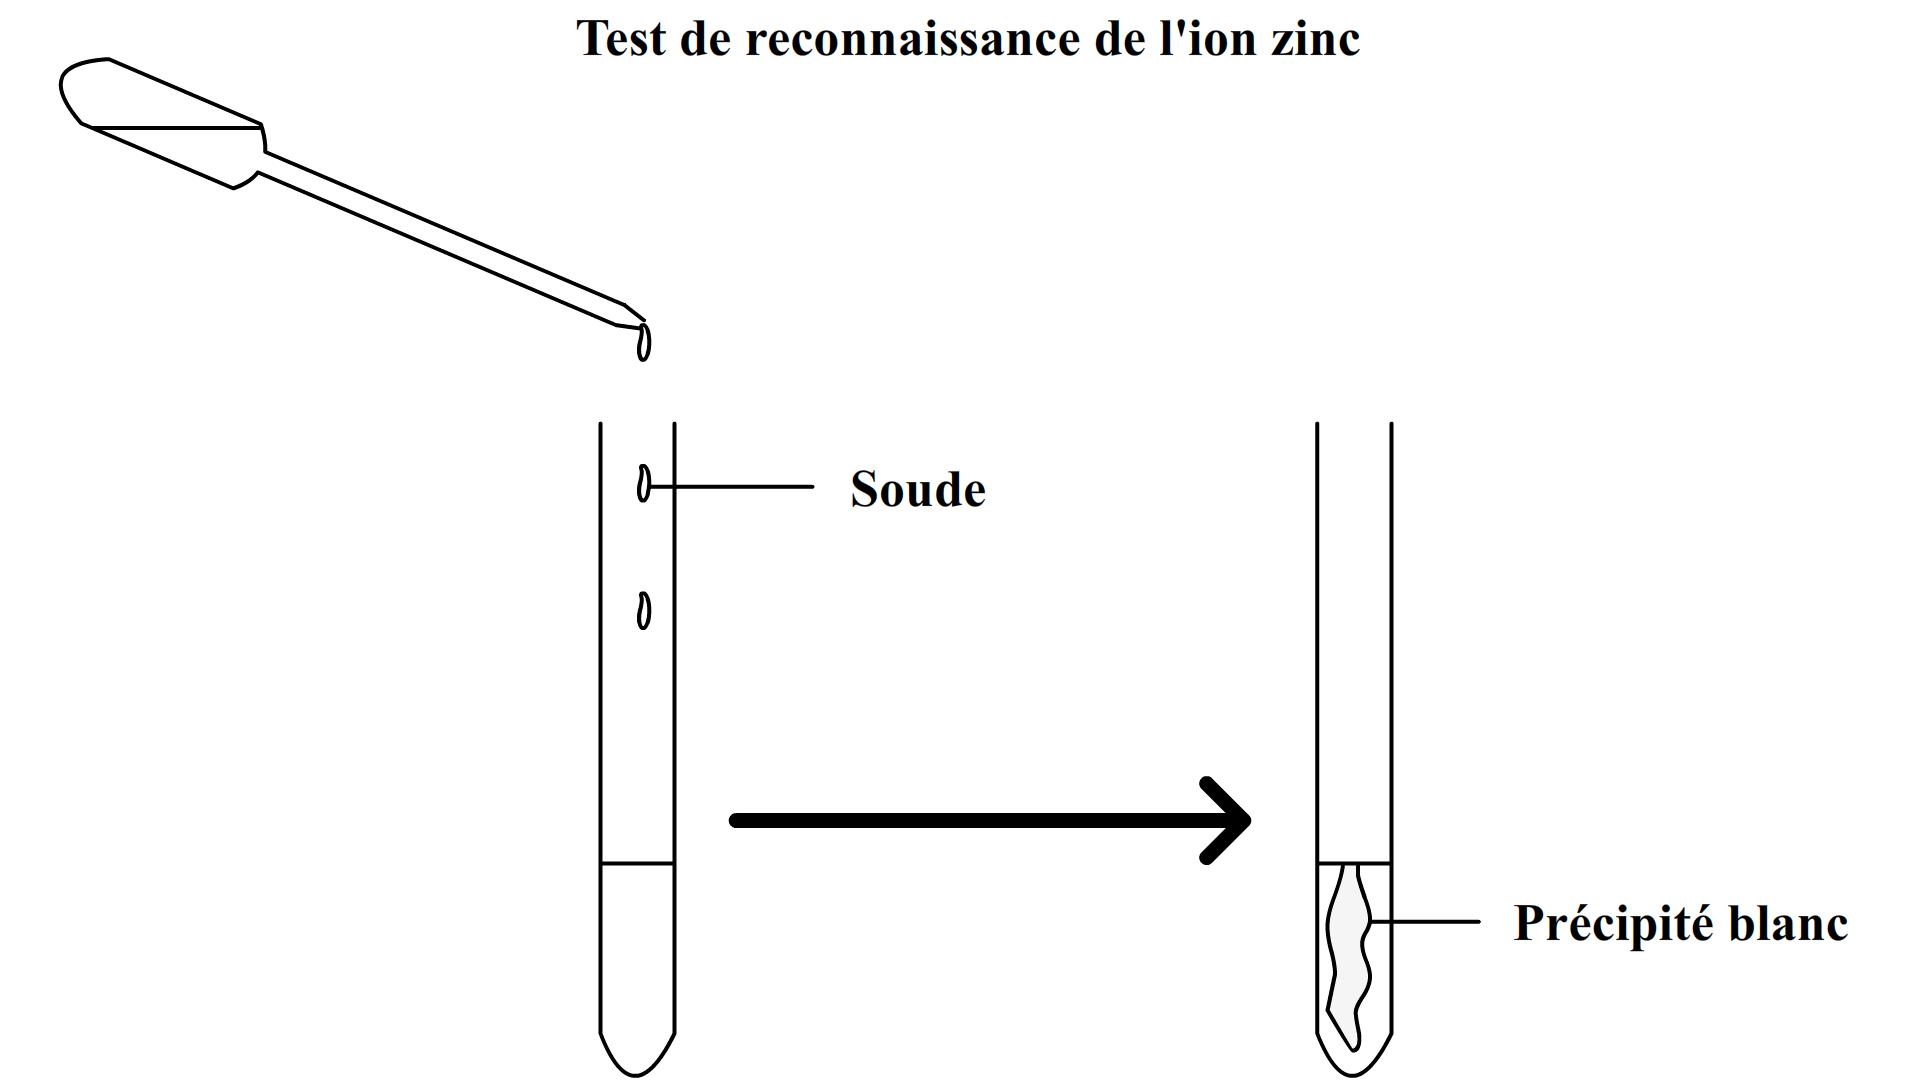 comment appliquer du sulfate de cuivre